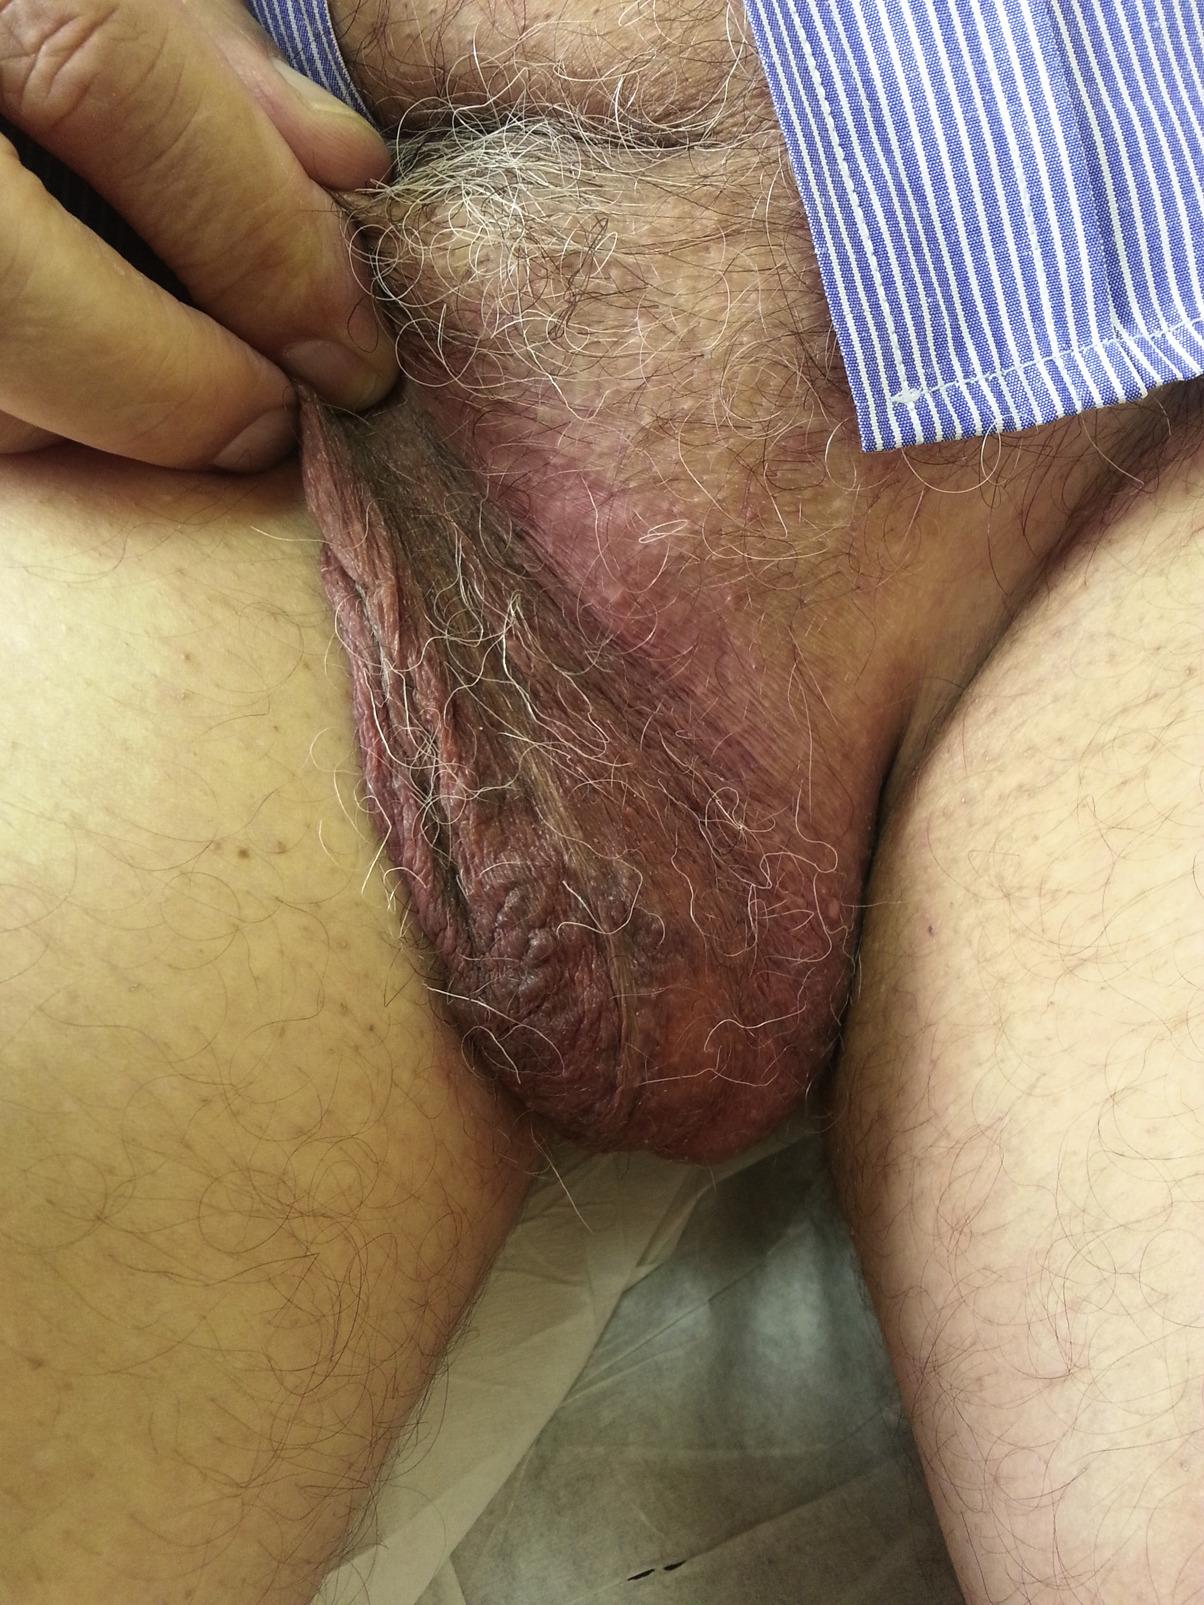 red_genital.jpg